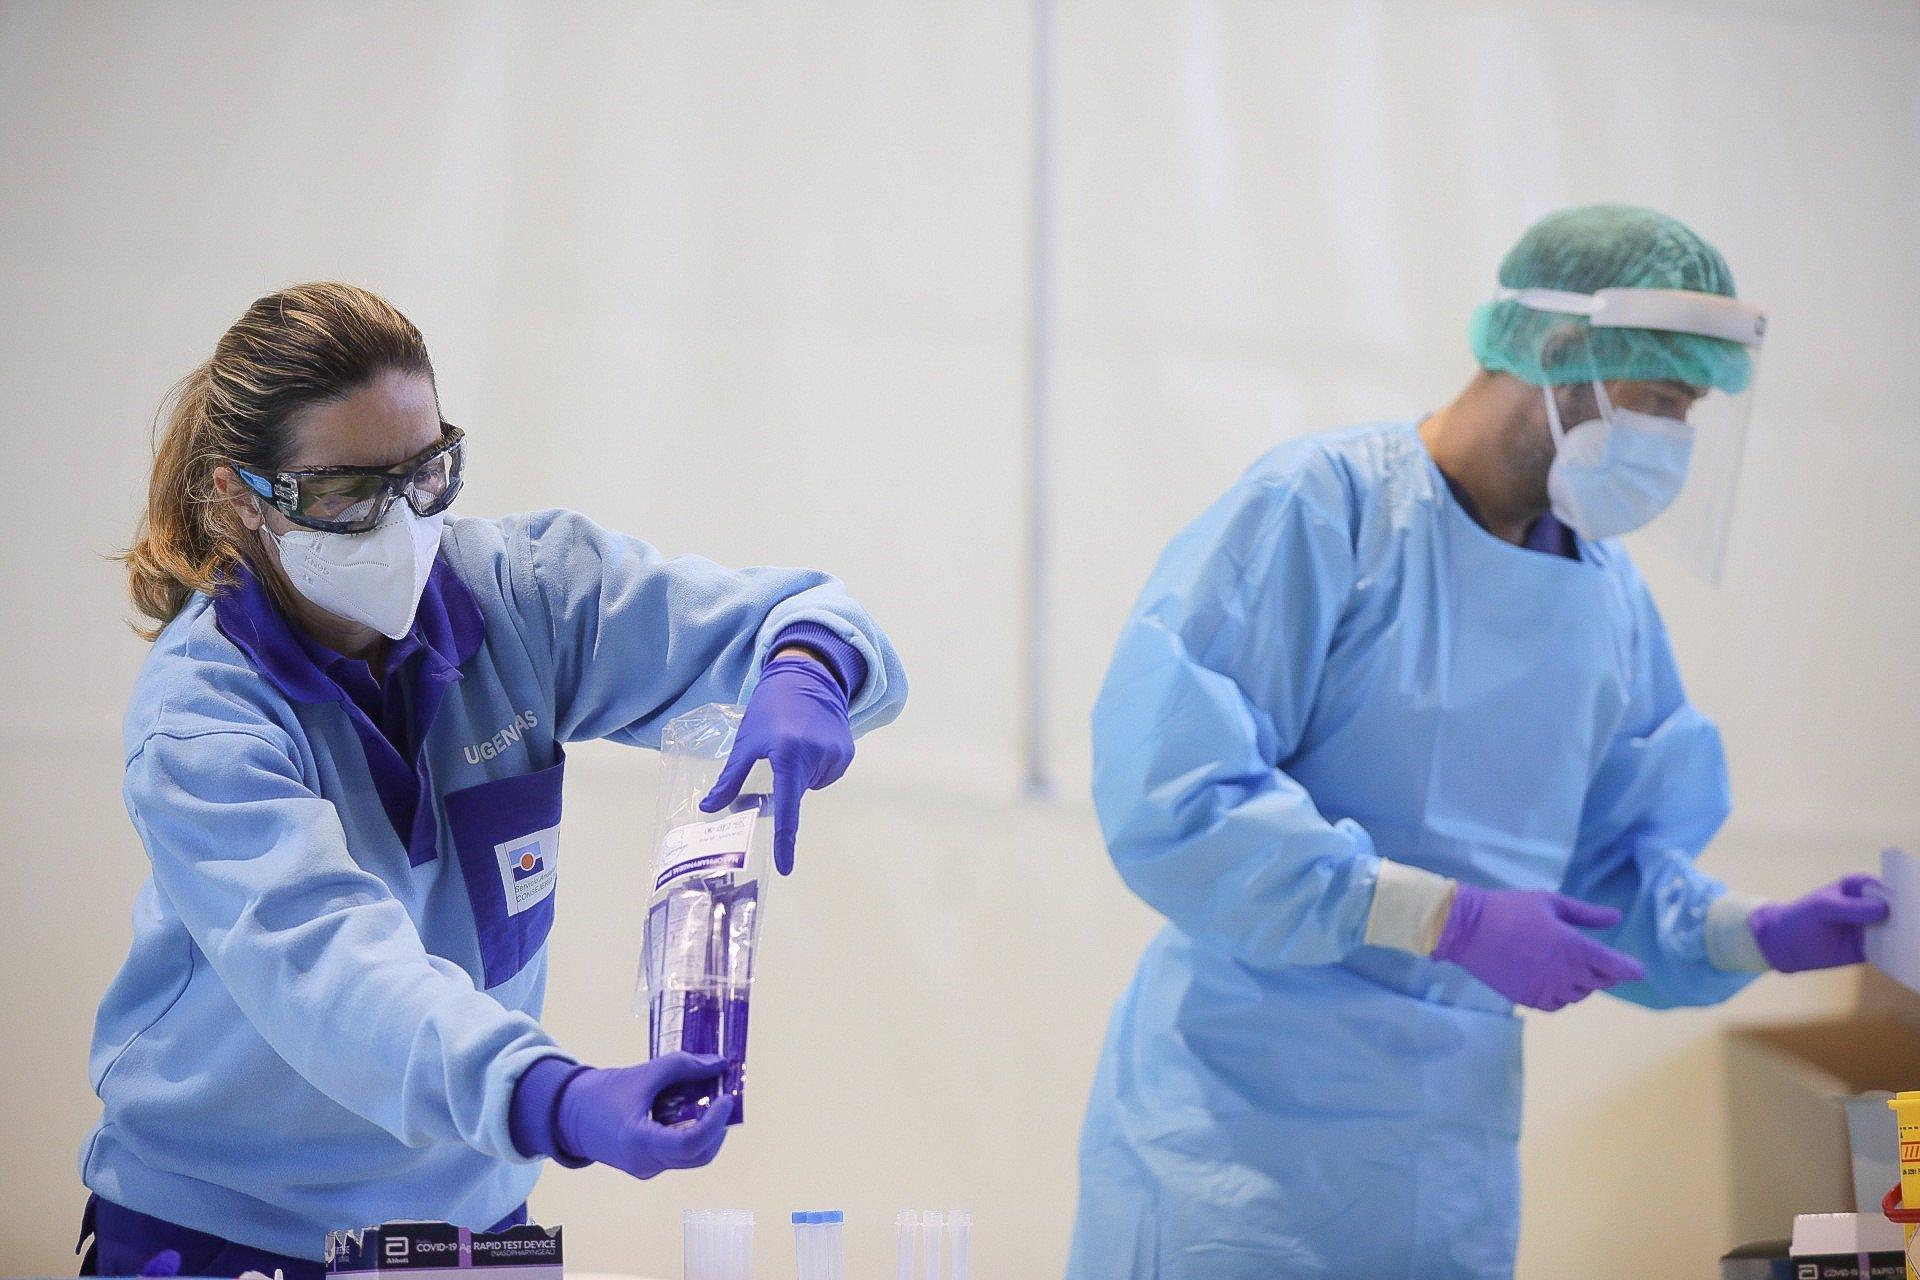 La incidencia sigue bajando en Andalucía, los contagios se estabilizan en los 600 y las muertes suman 17